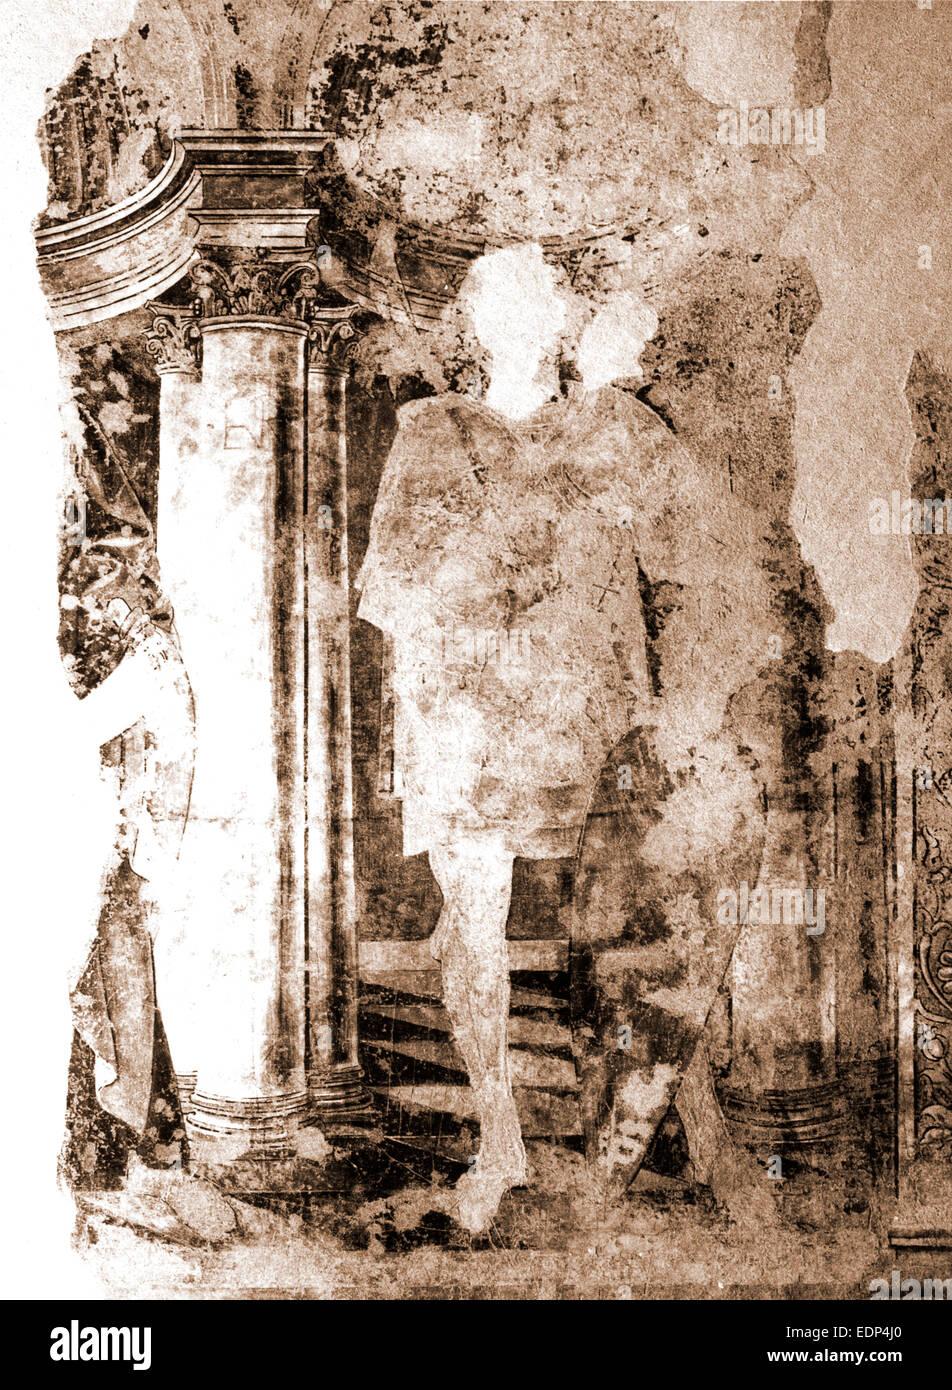 Les Abruzzes, L'Aquila, Celano, musée, Italie, 20e siècle, photo, photographie, Europe Photo Stock